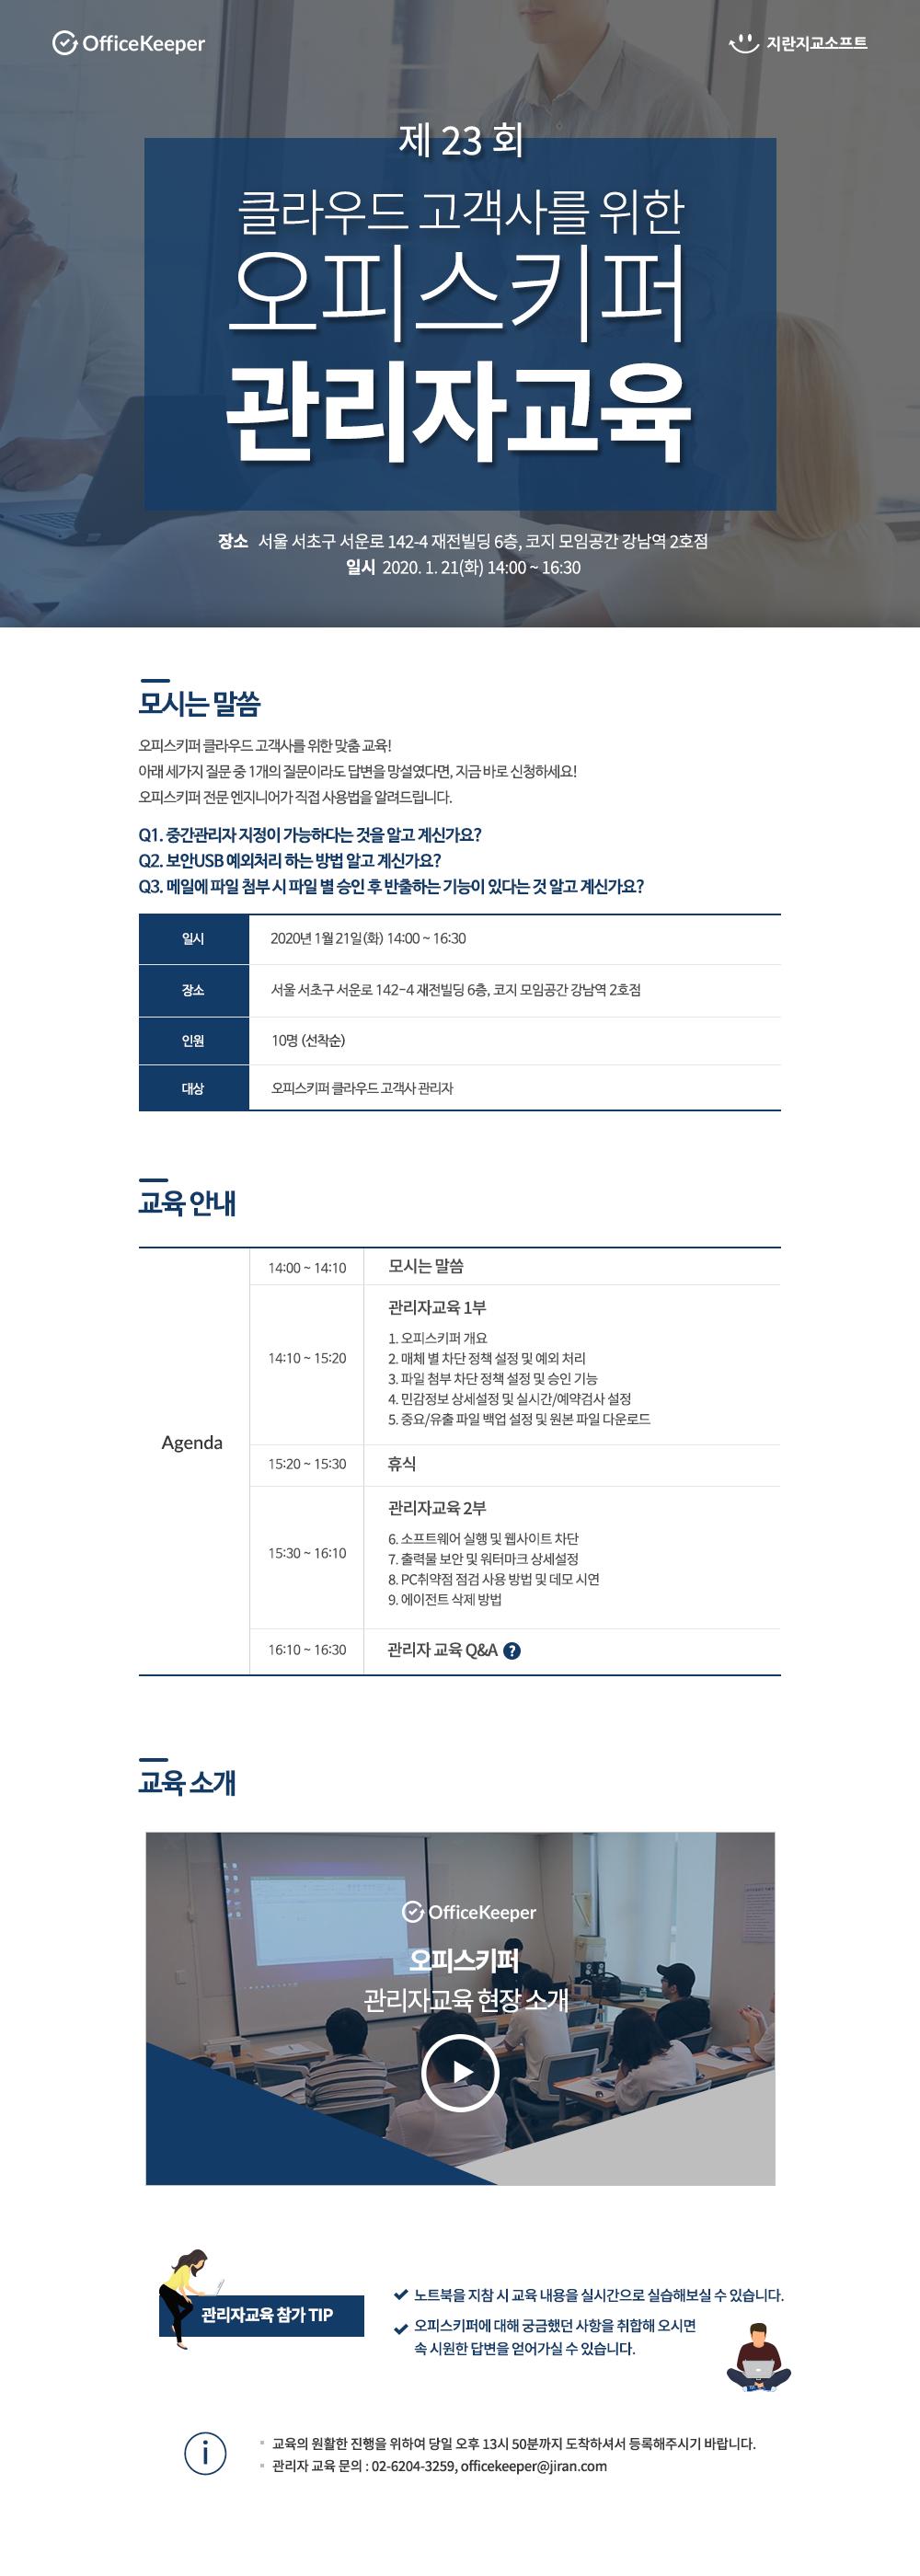 제 23회 클라우드 고객사를 위한 오피스키퍼 관리자교육